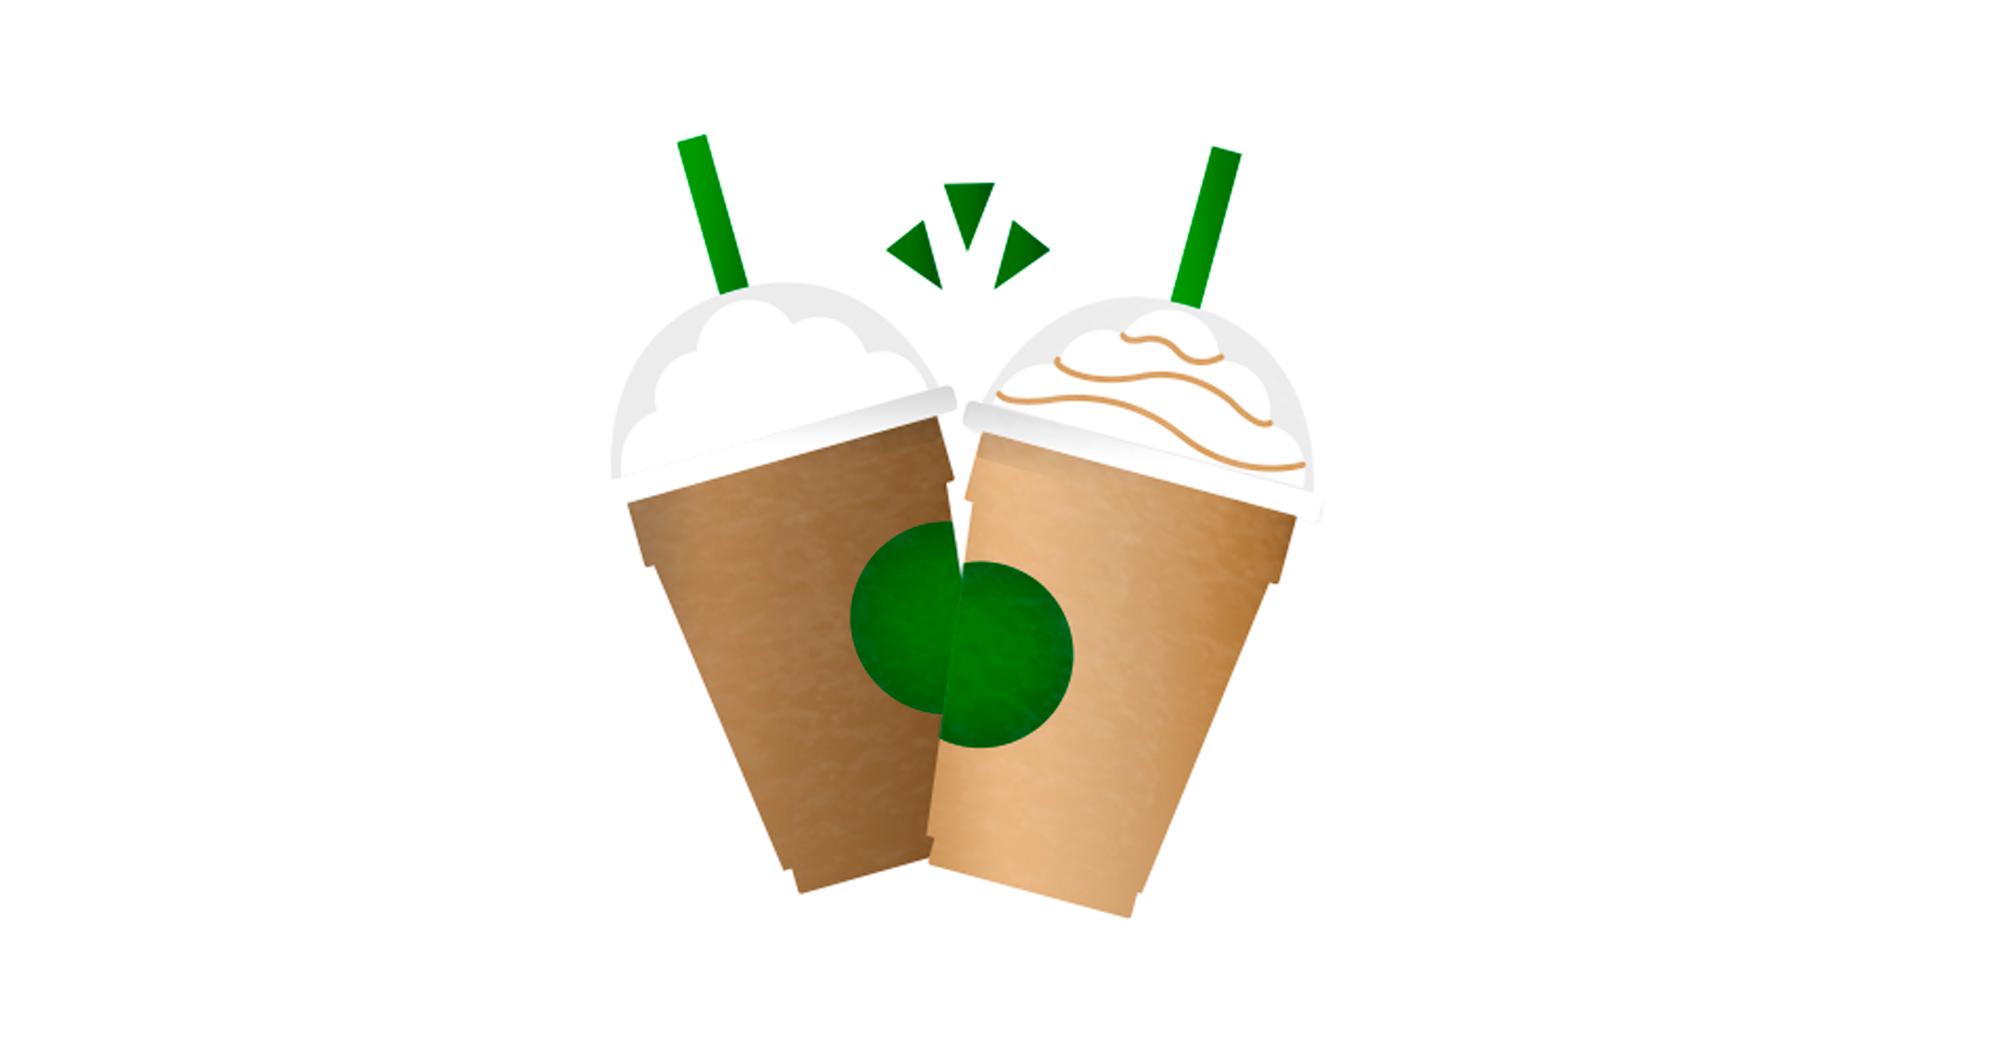 Starbucks Emojis Mobile Keyboard